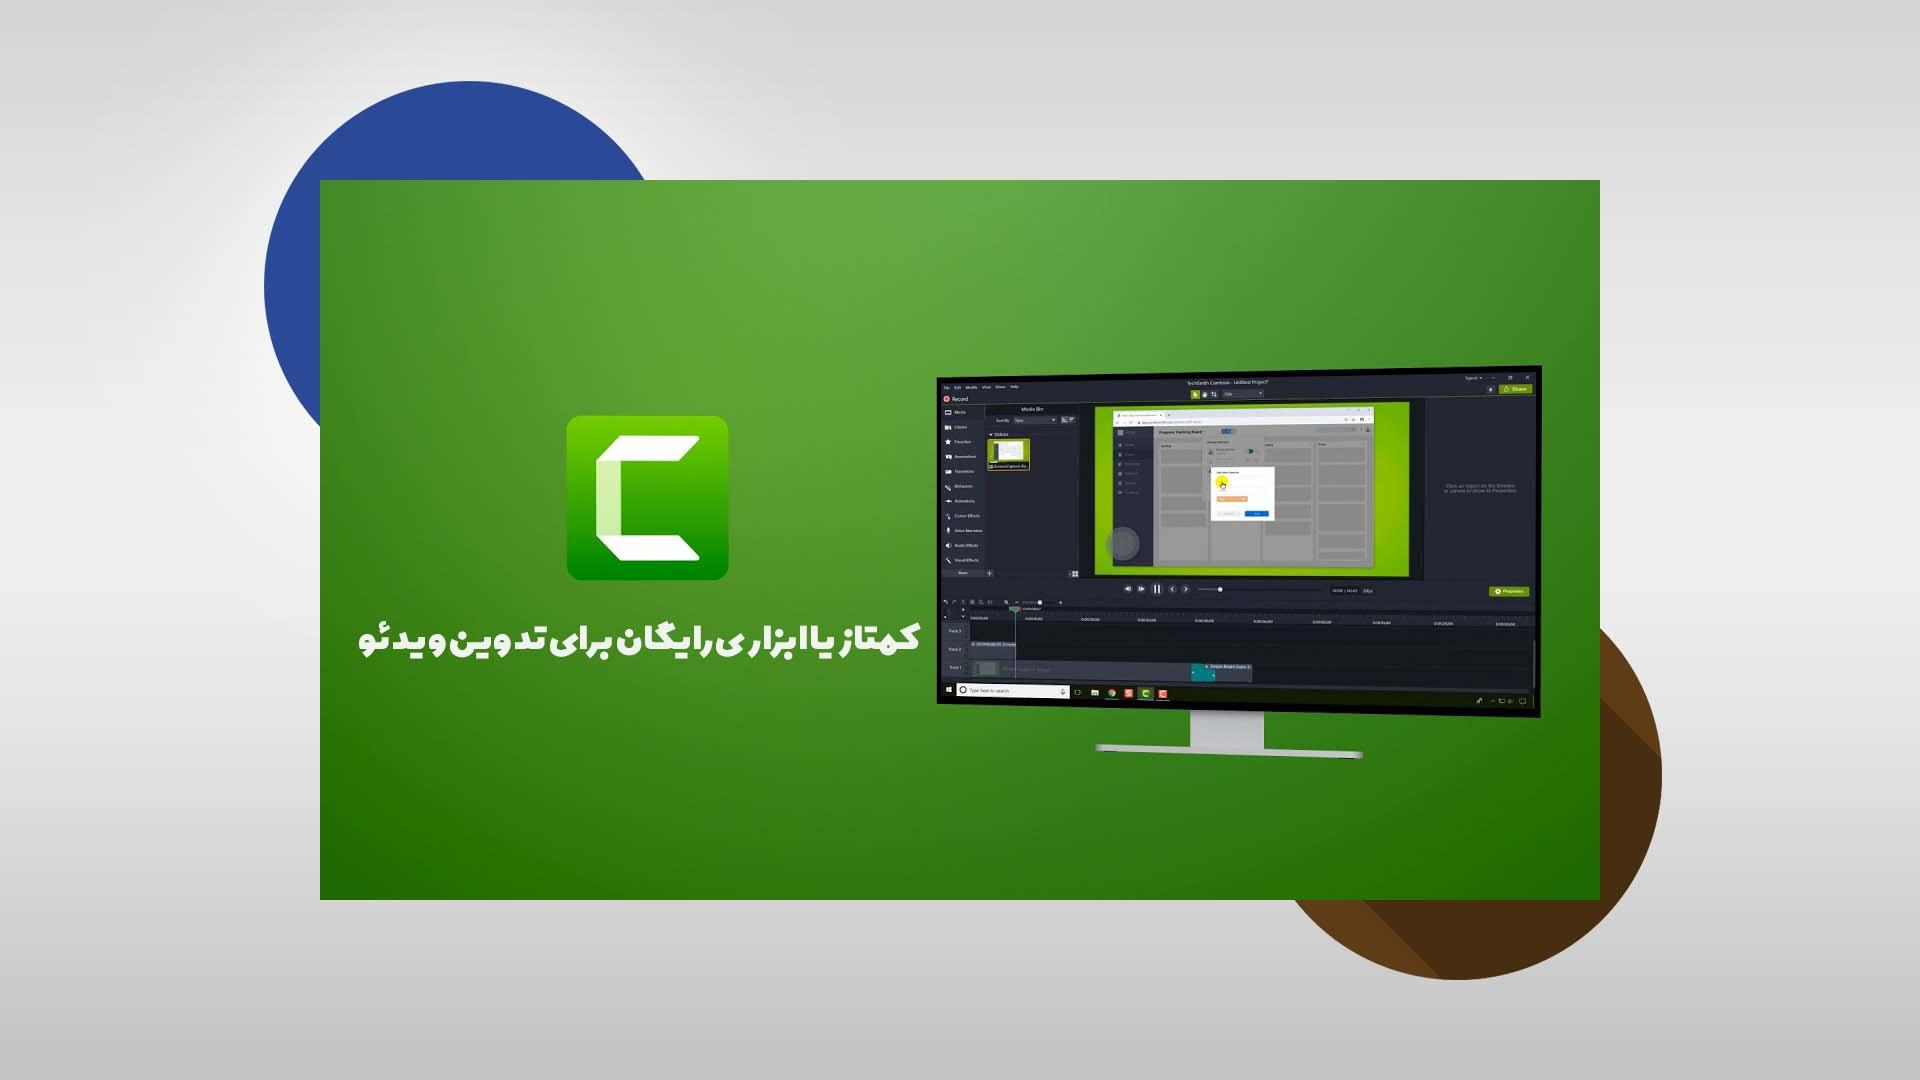 کمتازیا ابزاری برای تولید محتوای ارزان ویدئویی